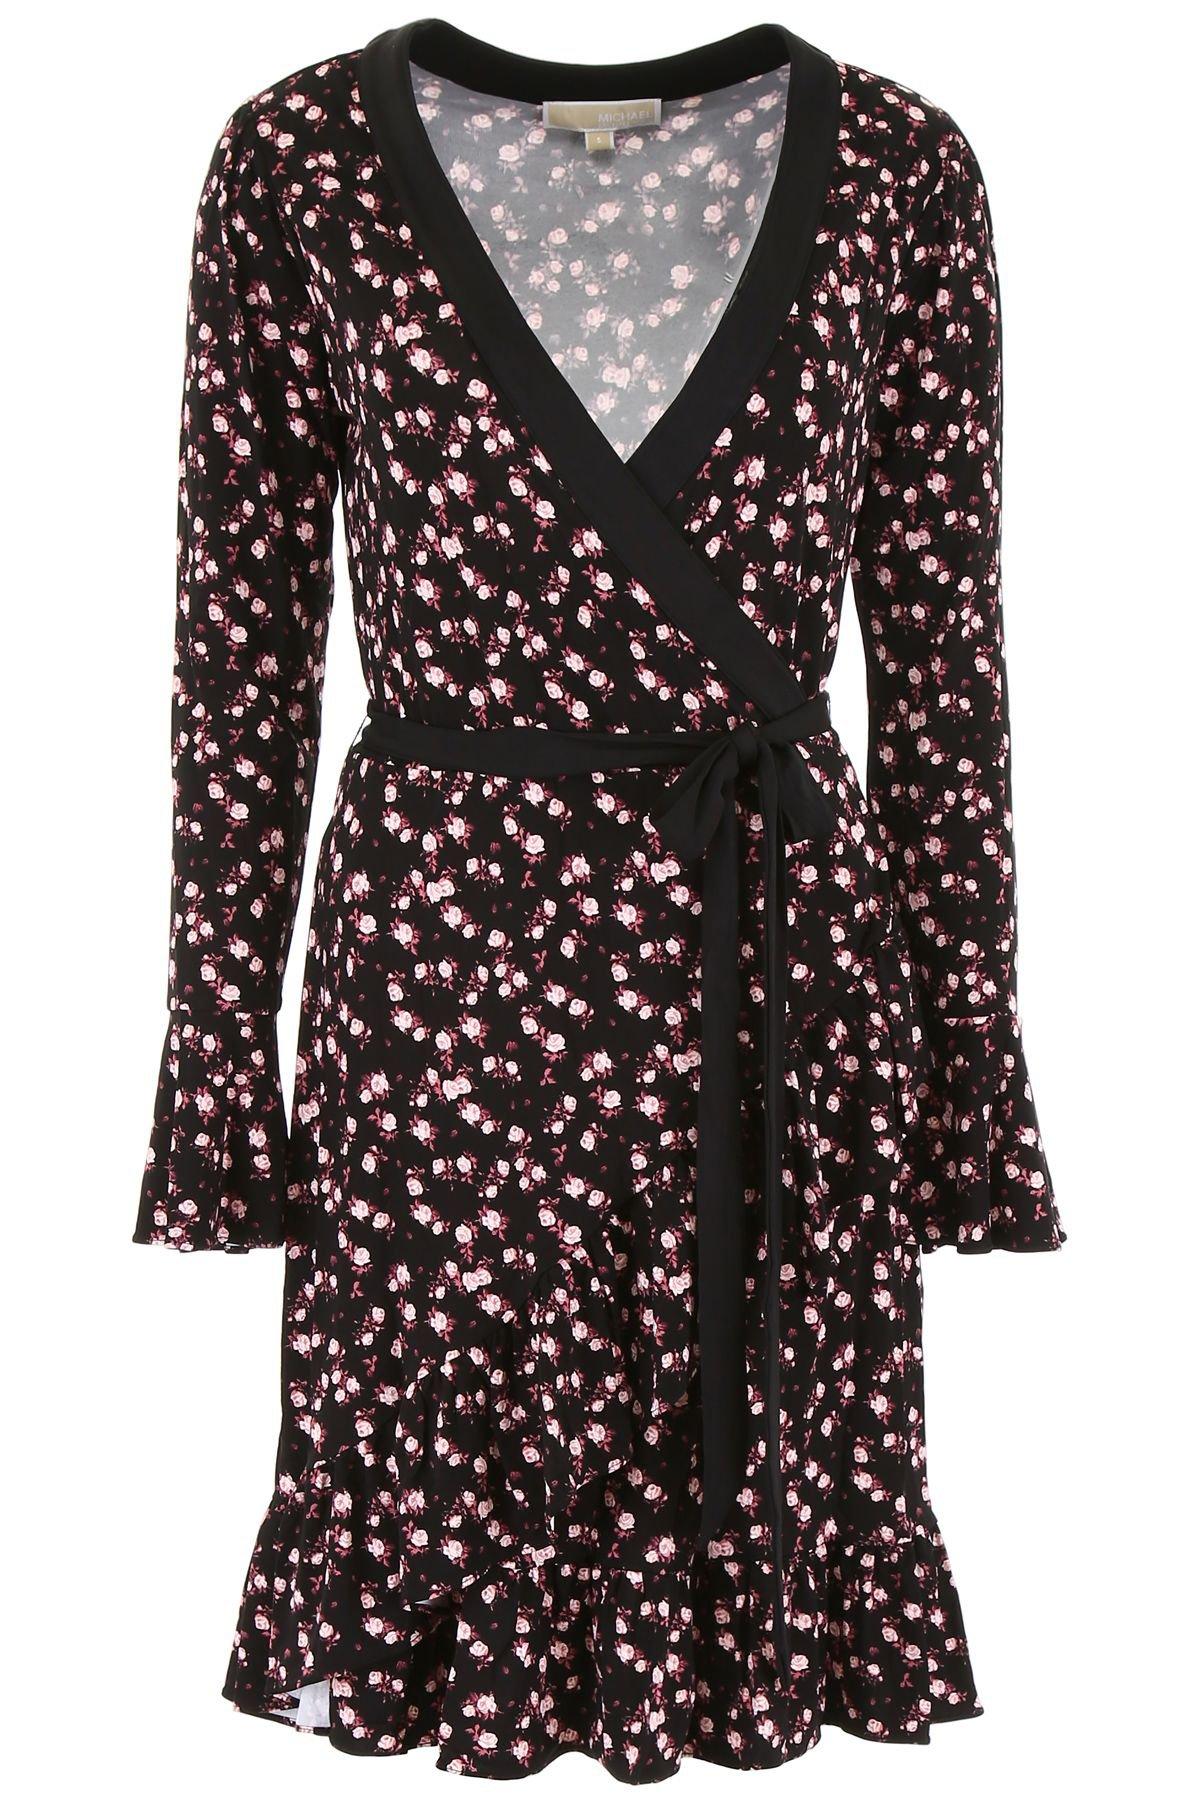 MICHAEL Michael Kors Floral Printed Dress